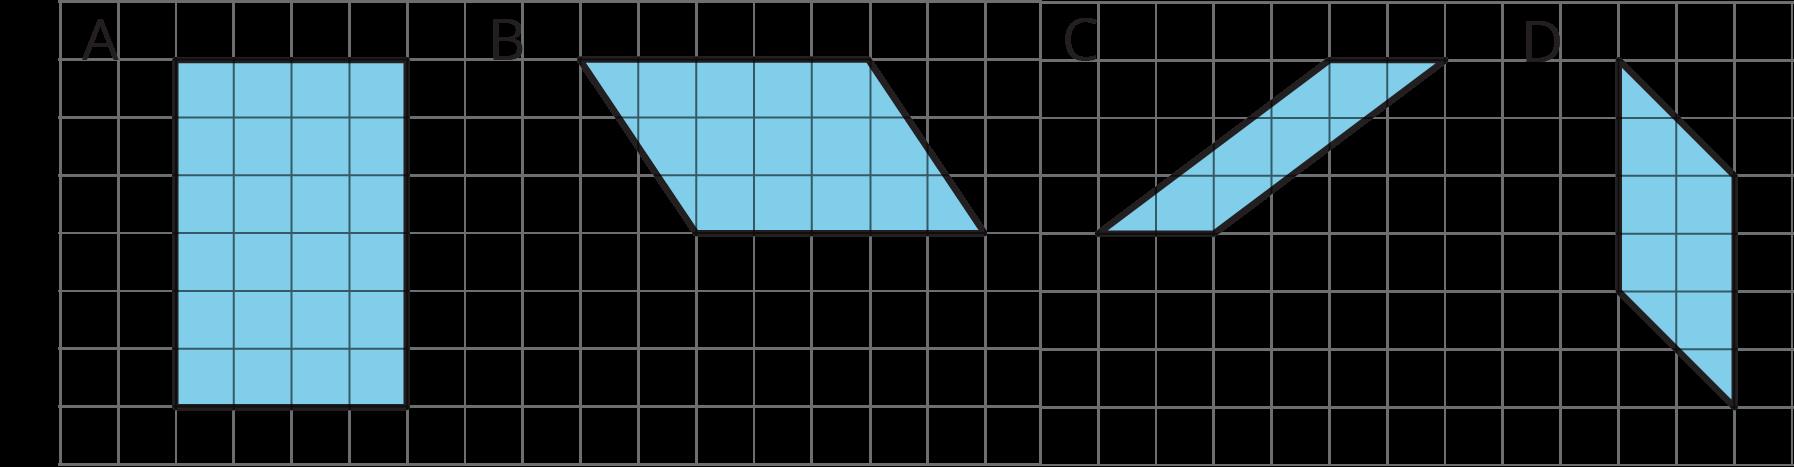 Four parallelograms A--D.